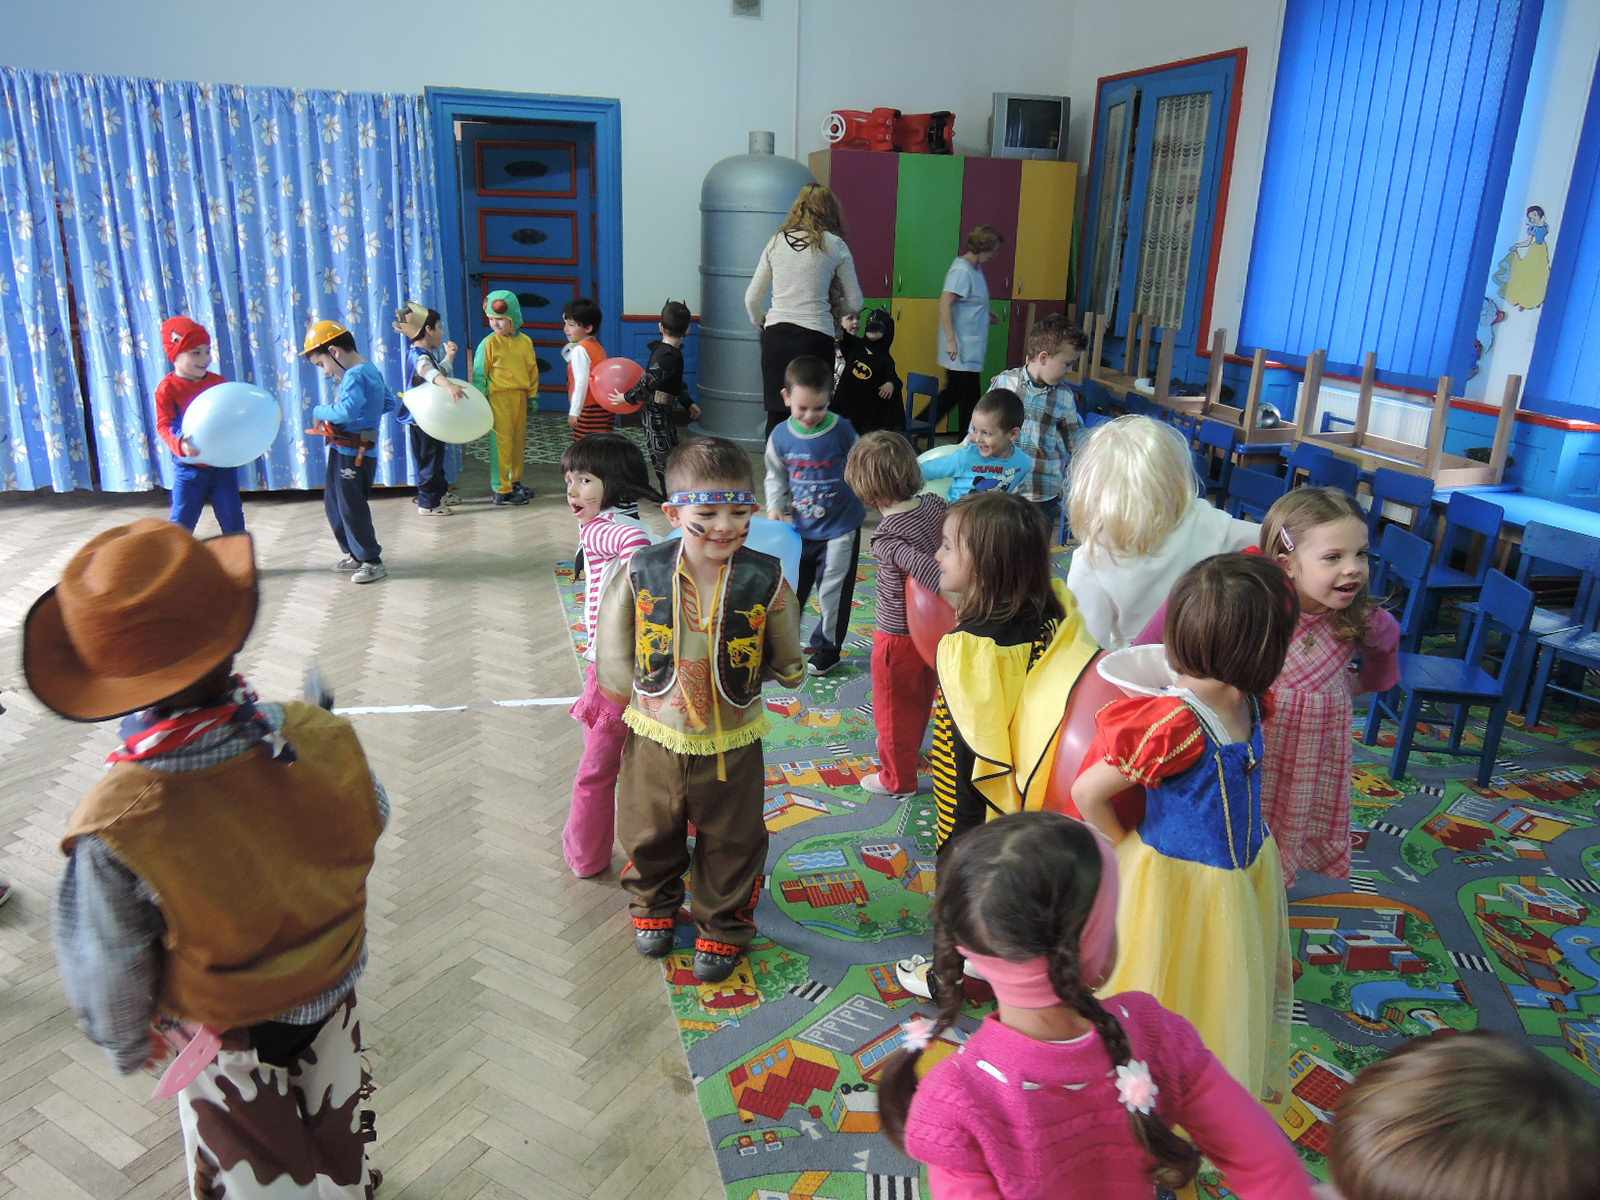 Saptamana s-a incheiat cu o petrecere-carnaval